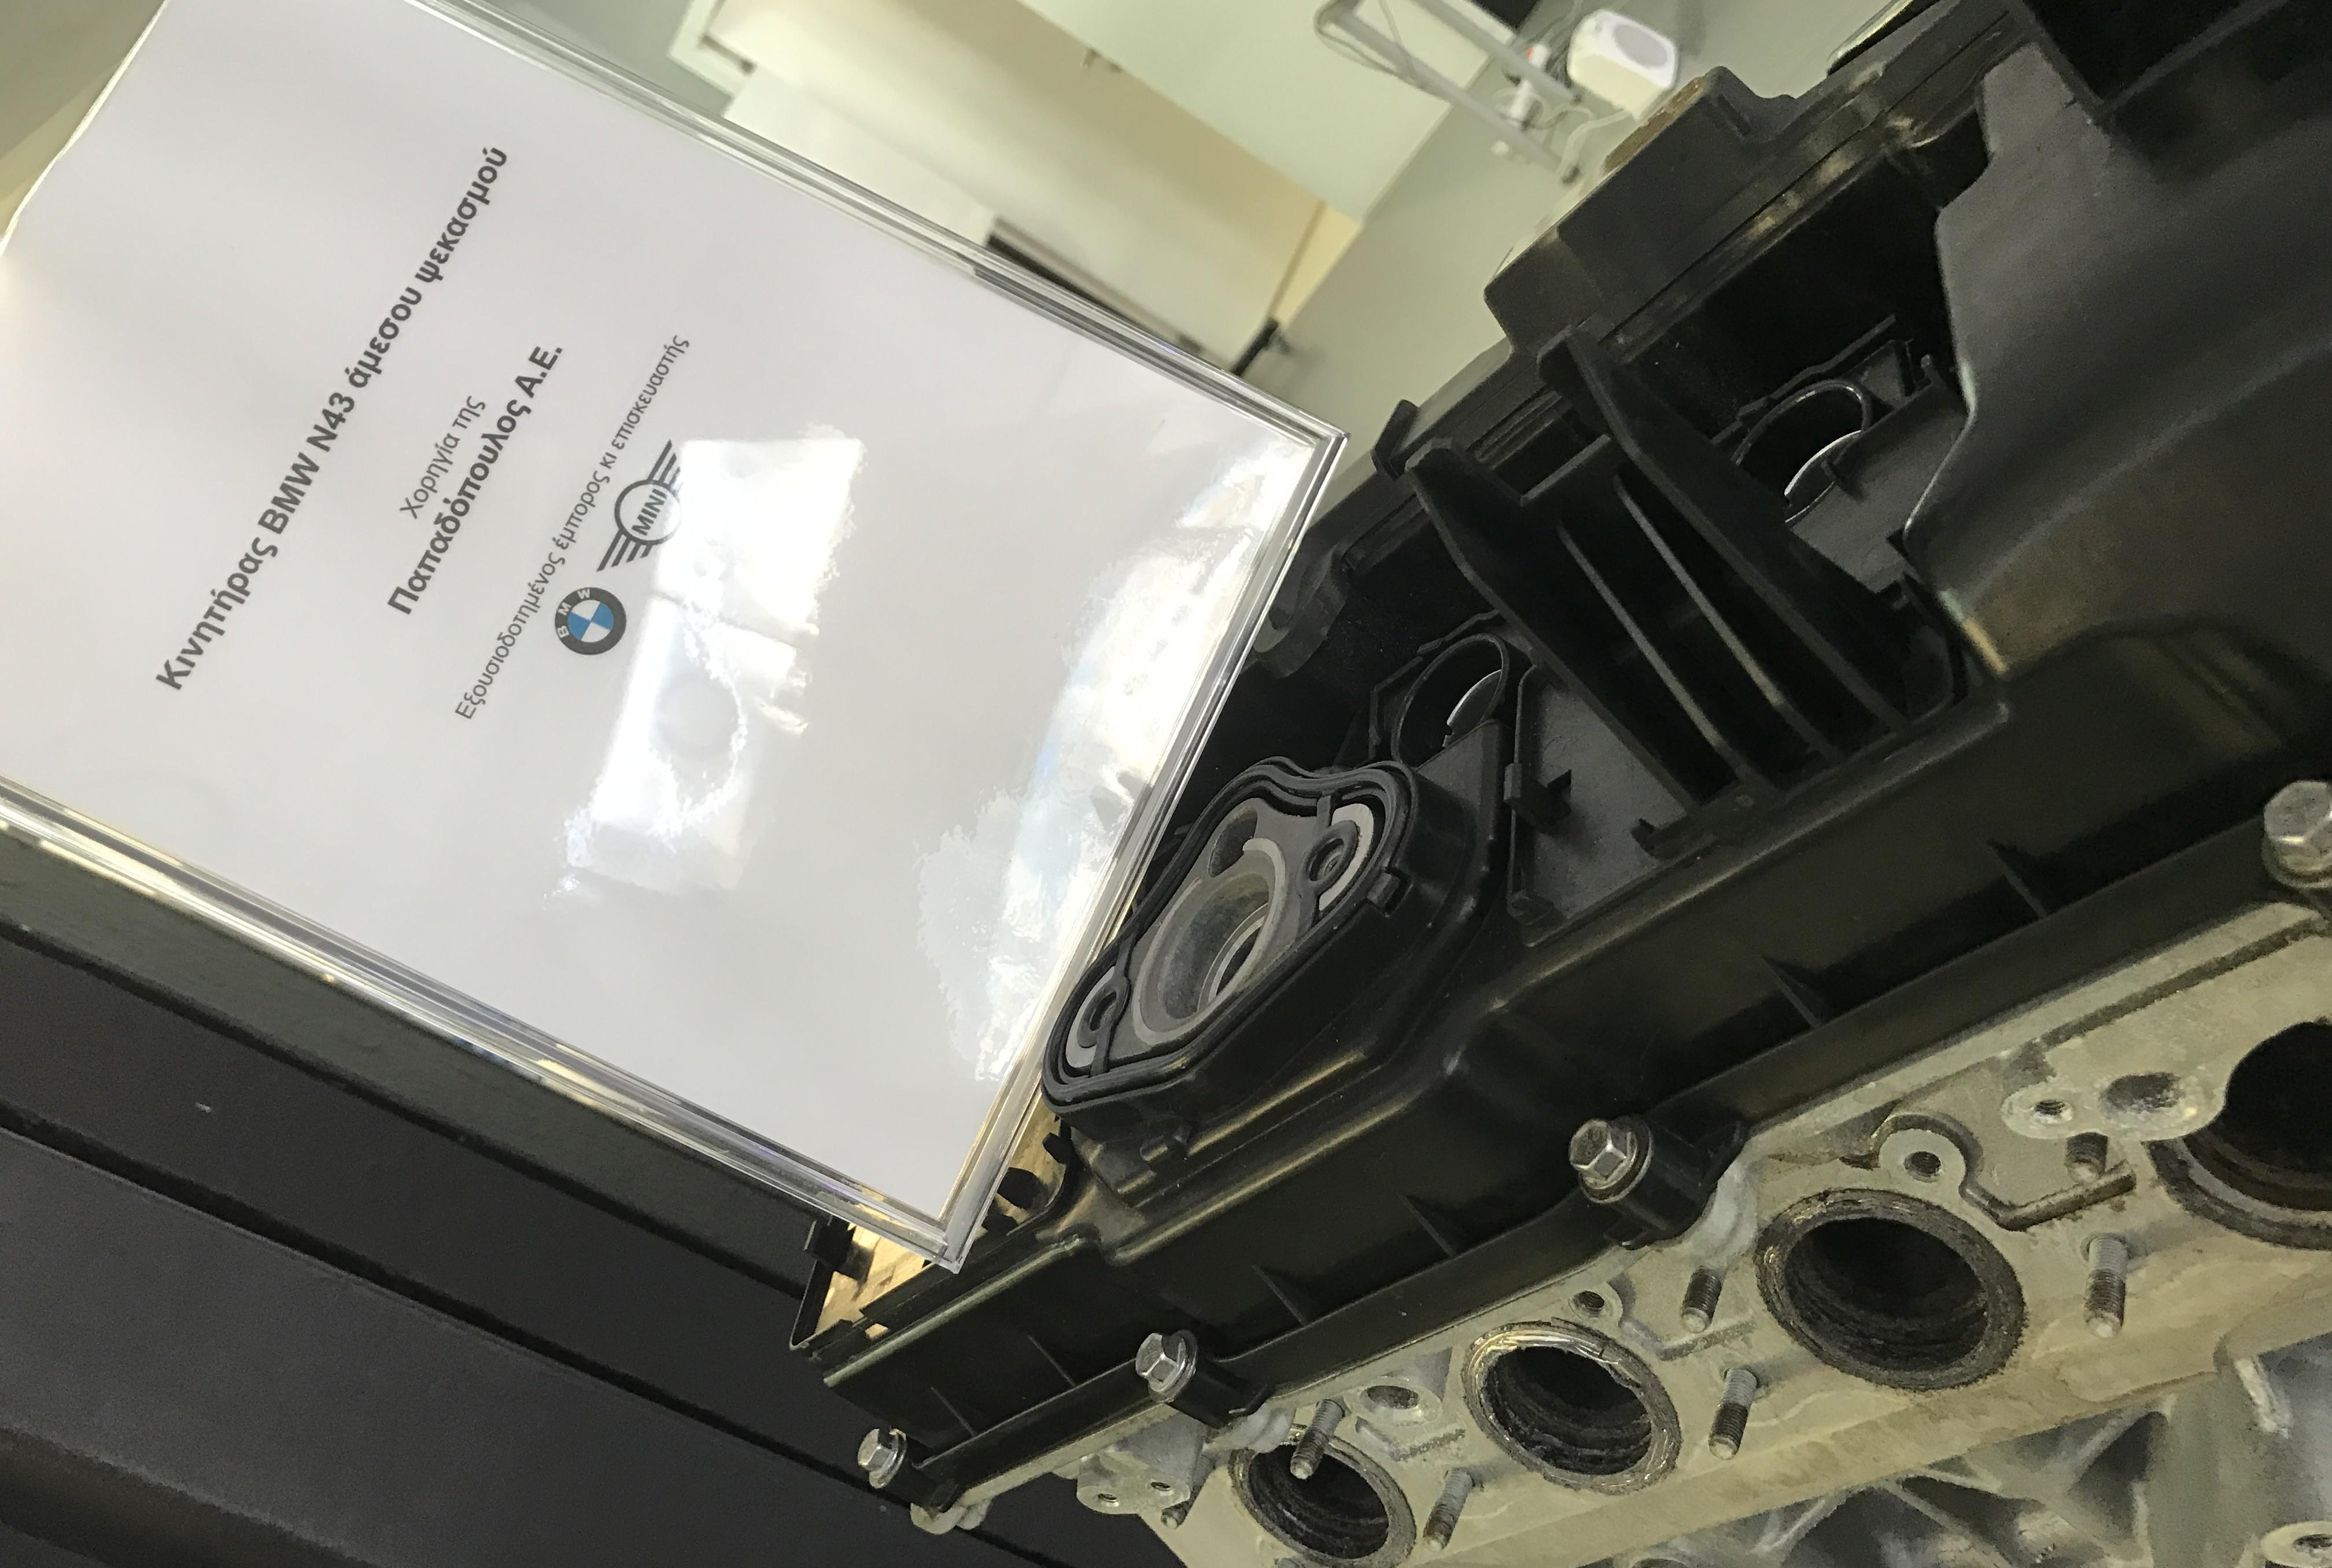 Στα εργαστήρια Μηχανοτρονικής με εξοπλισμό BMW ΠΑΠΑΔΟΠΟΥΛΟΣ